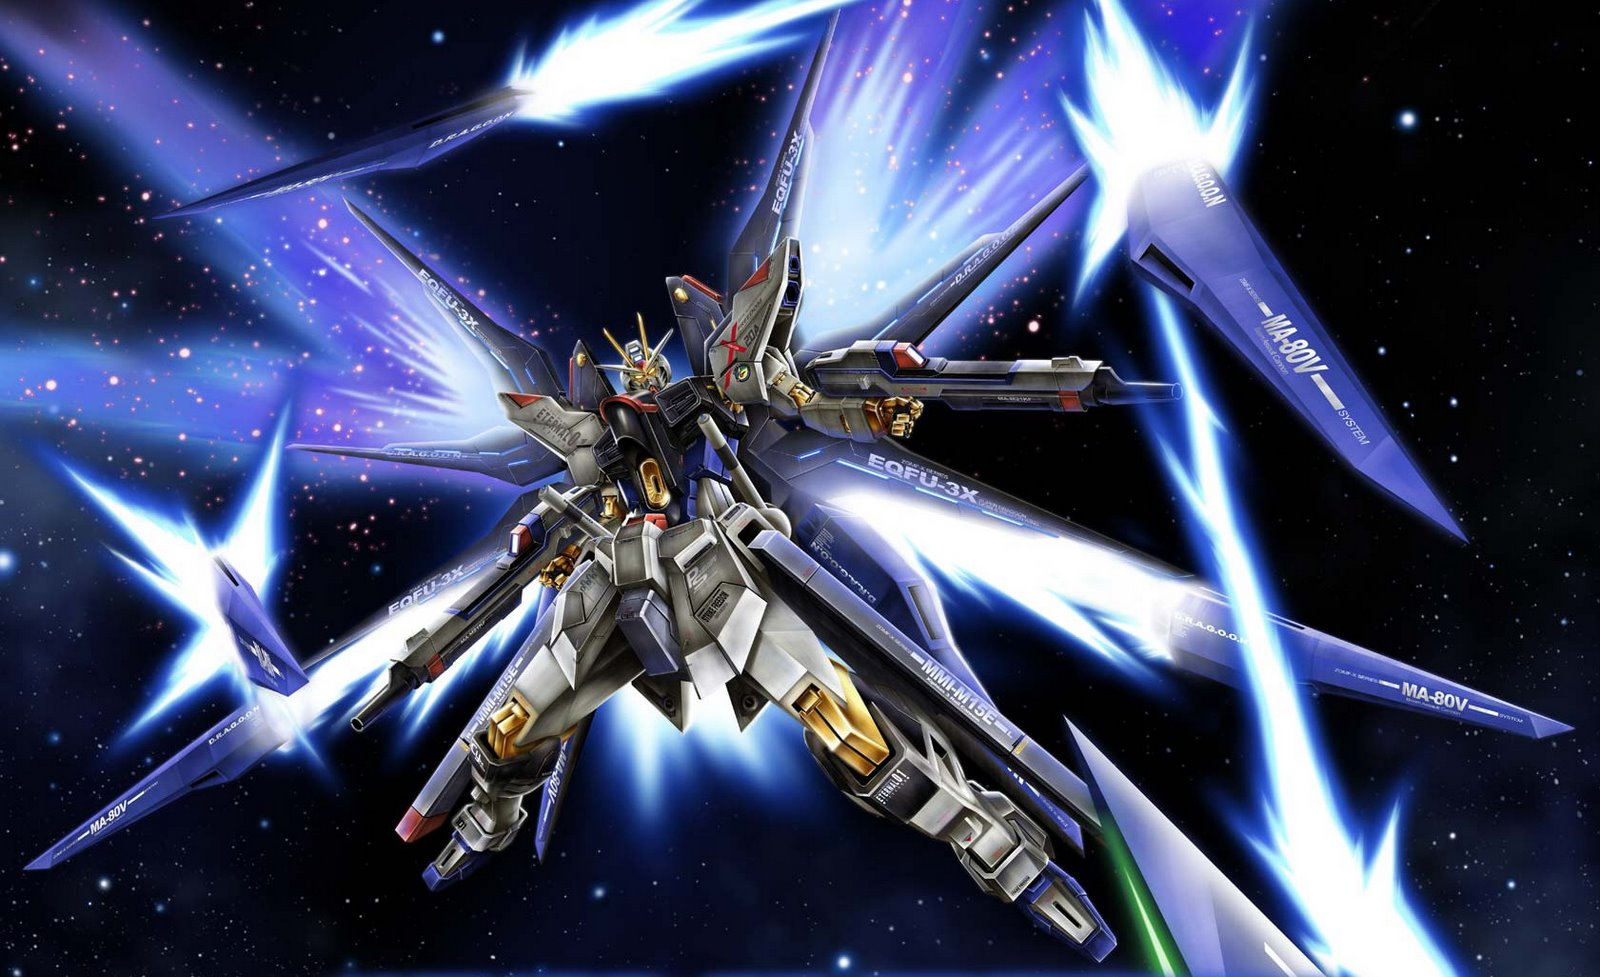 10. Strike Freedom Gundam (Gundam SEED Destiny)